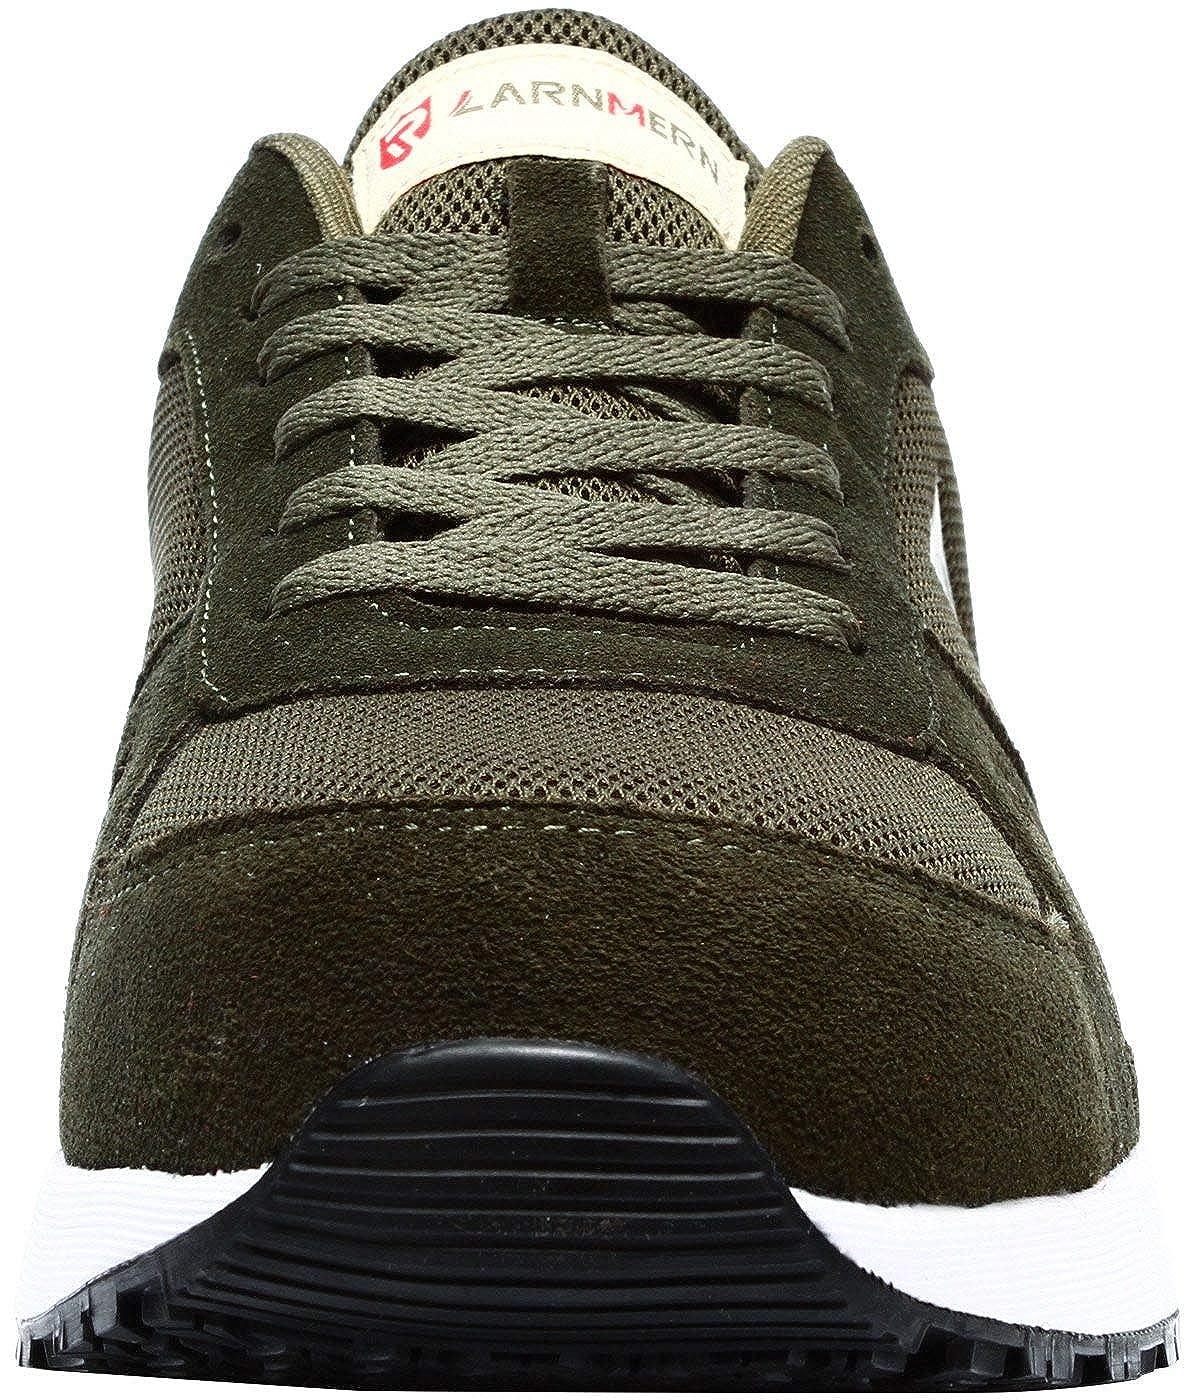 Calzado de Industrial y Deportiva LARNMERN Zapatos de Seguridad para Hombre con Puntera de Acero Zapatillas de Seguridad Trabajo